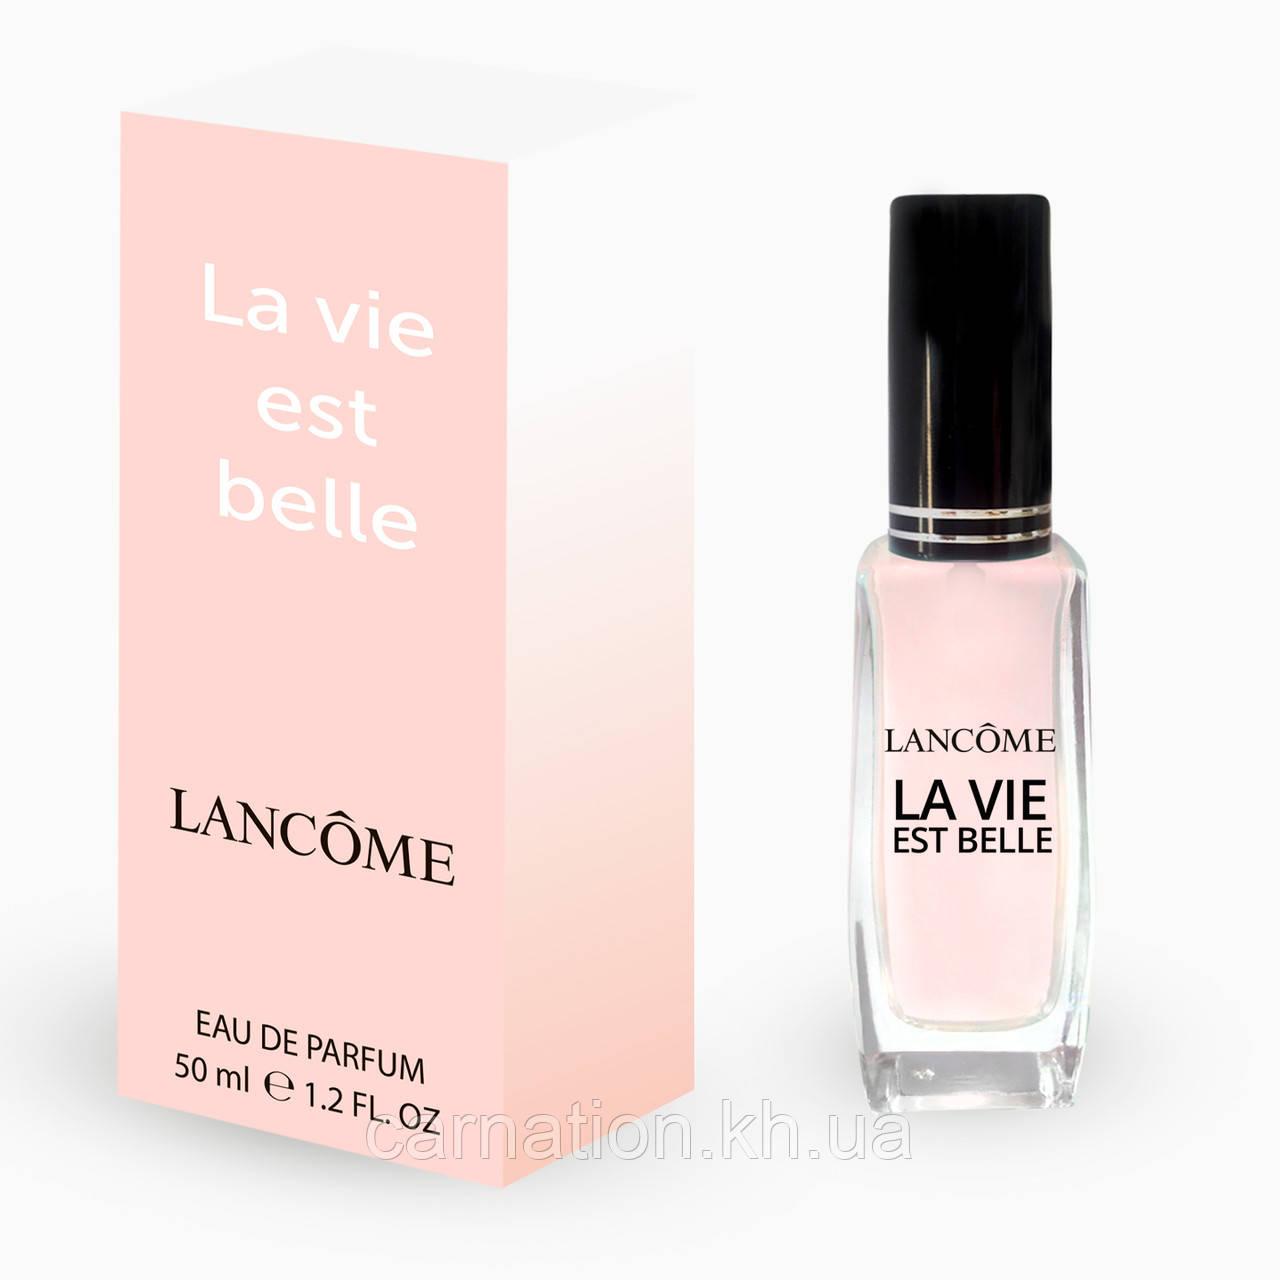 Женский мини парфюм  Lancome La Vie Est Belle 50 мл